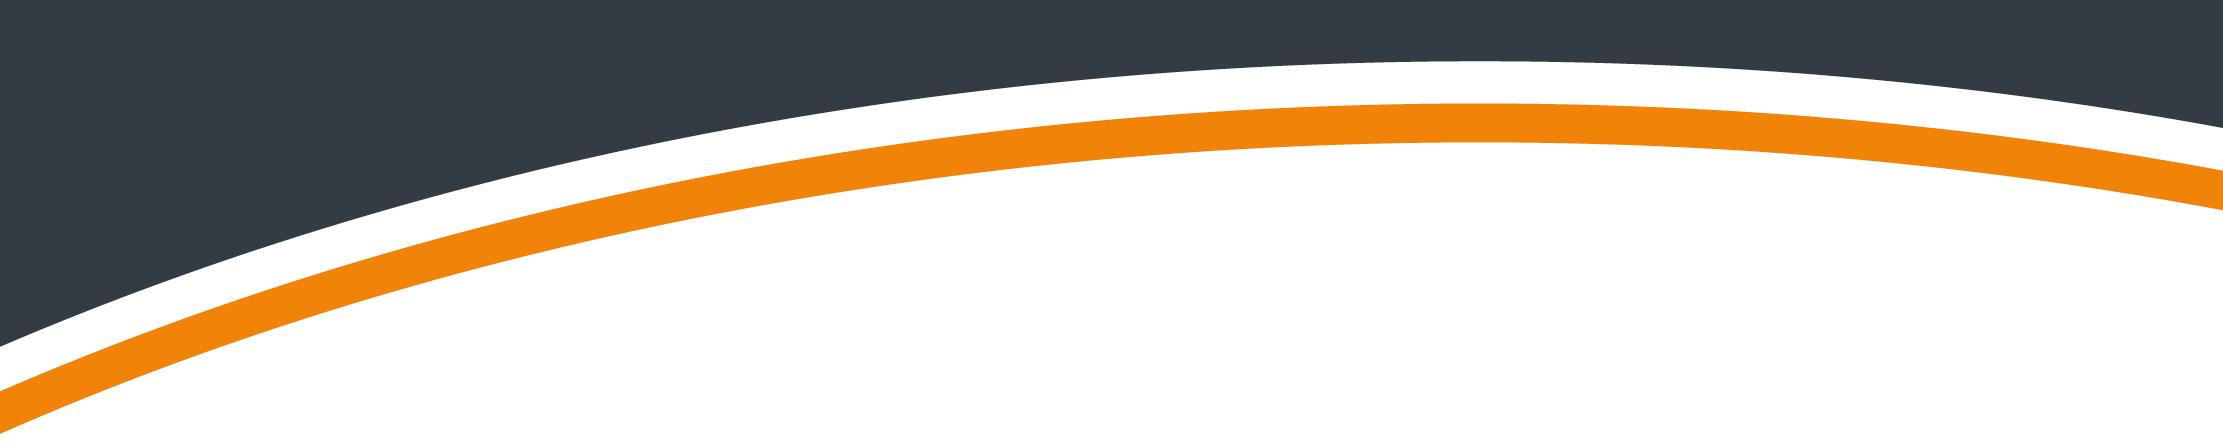 BWf_bogen_bg_grau-weiss-orange